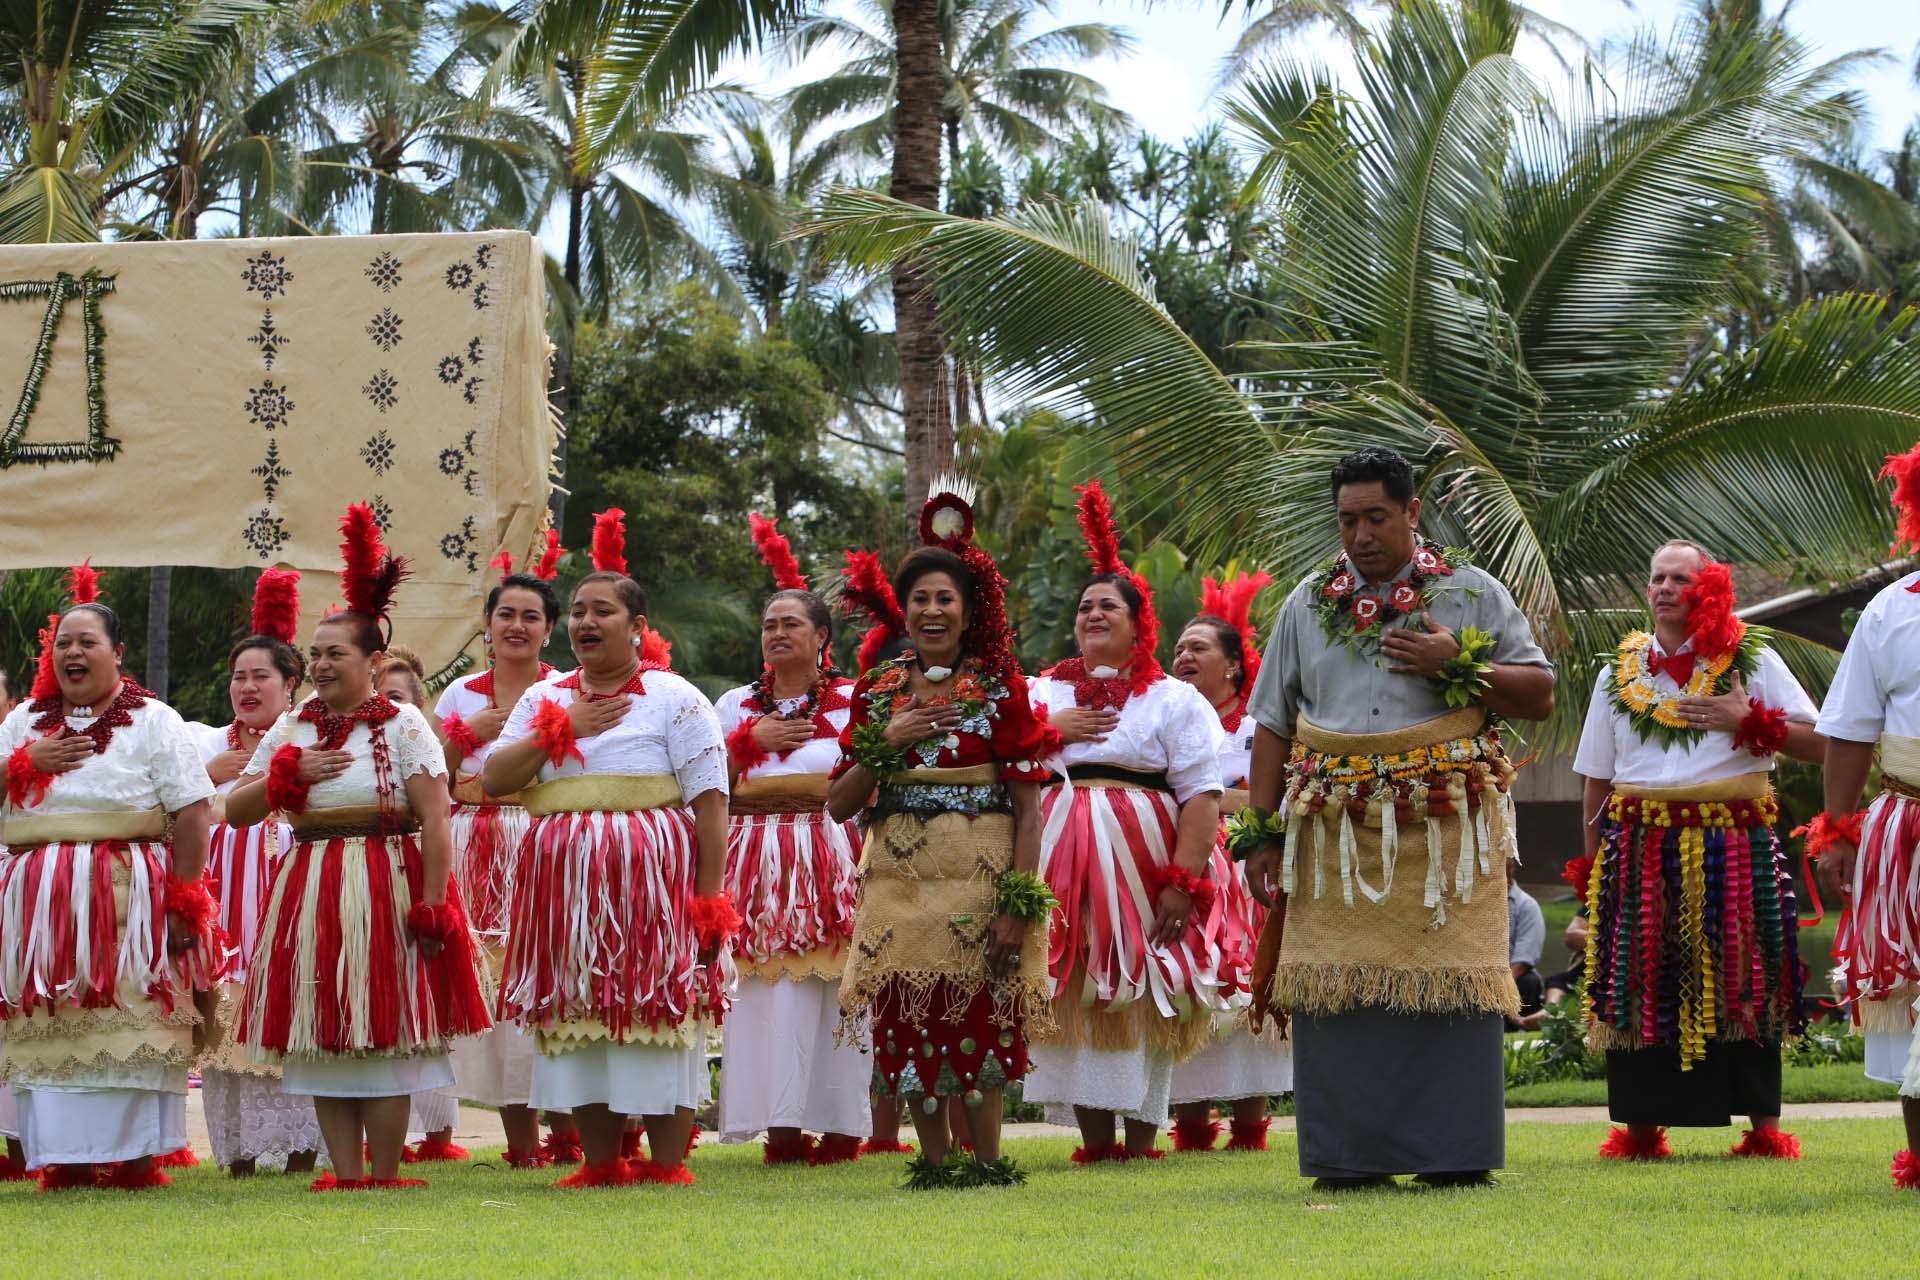 tonga-village-sings-tongan-national-anthem-9-hr.jpg